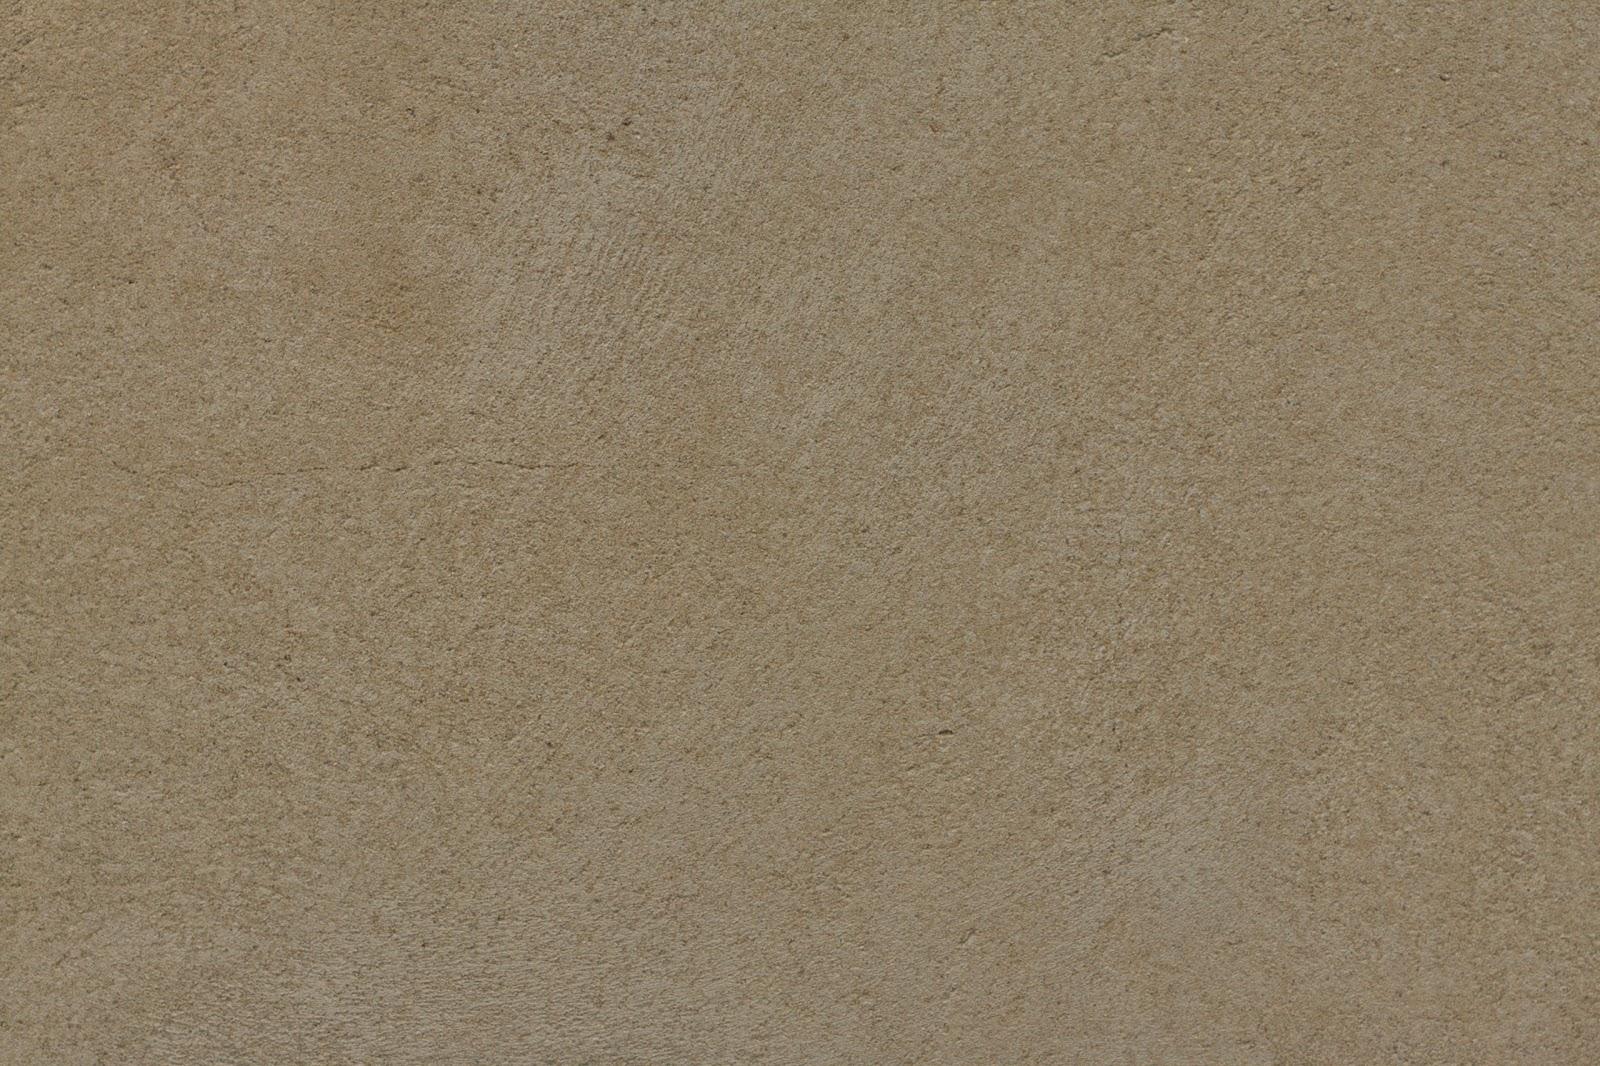 Exterior Home Design Games High Resolution Seamless Textures Stucco Rough Light